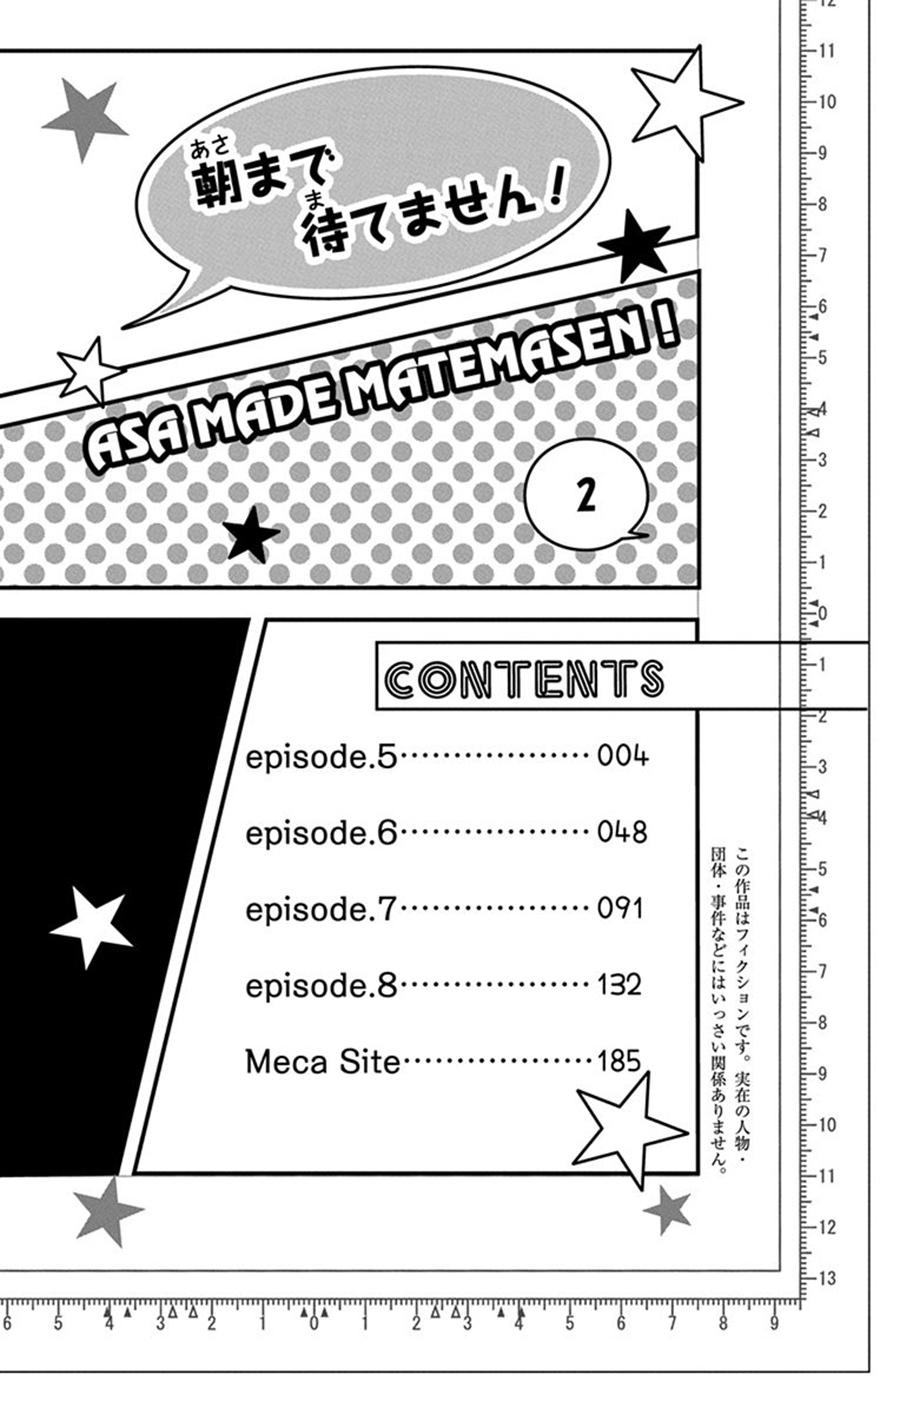 Không thể chờ đến sáng mai được! chap 5 - Trang 6